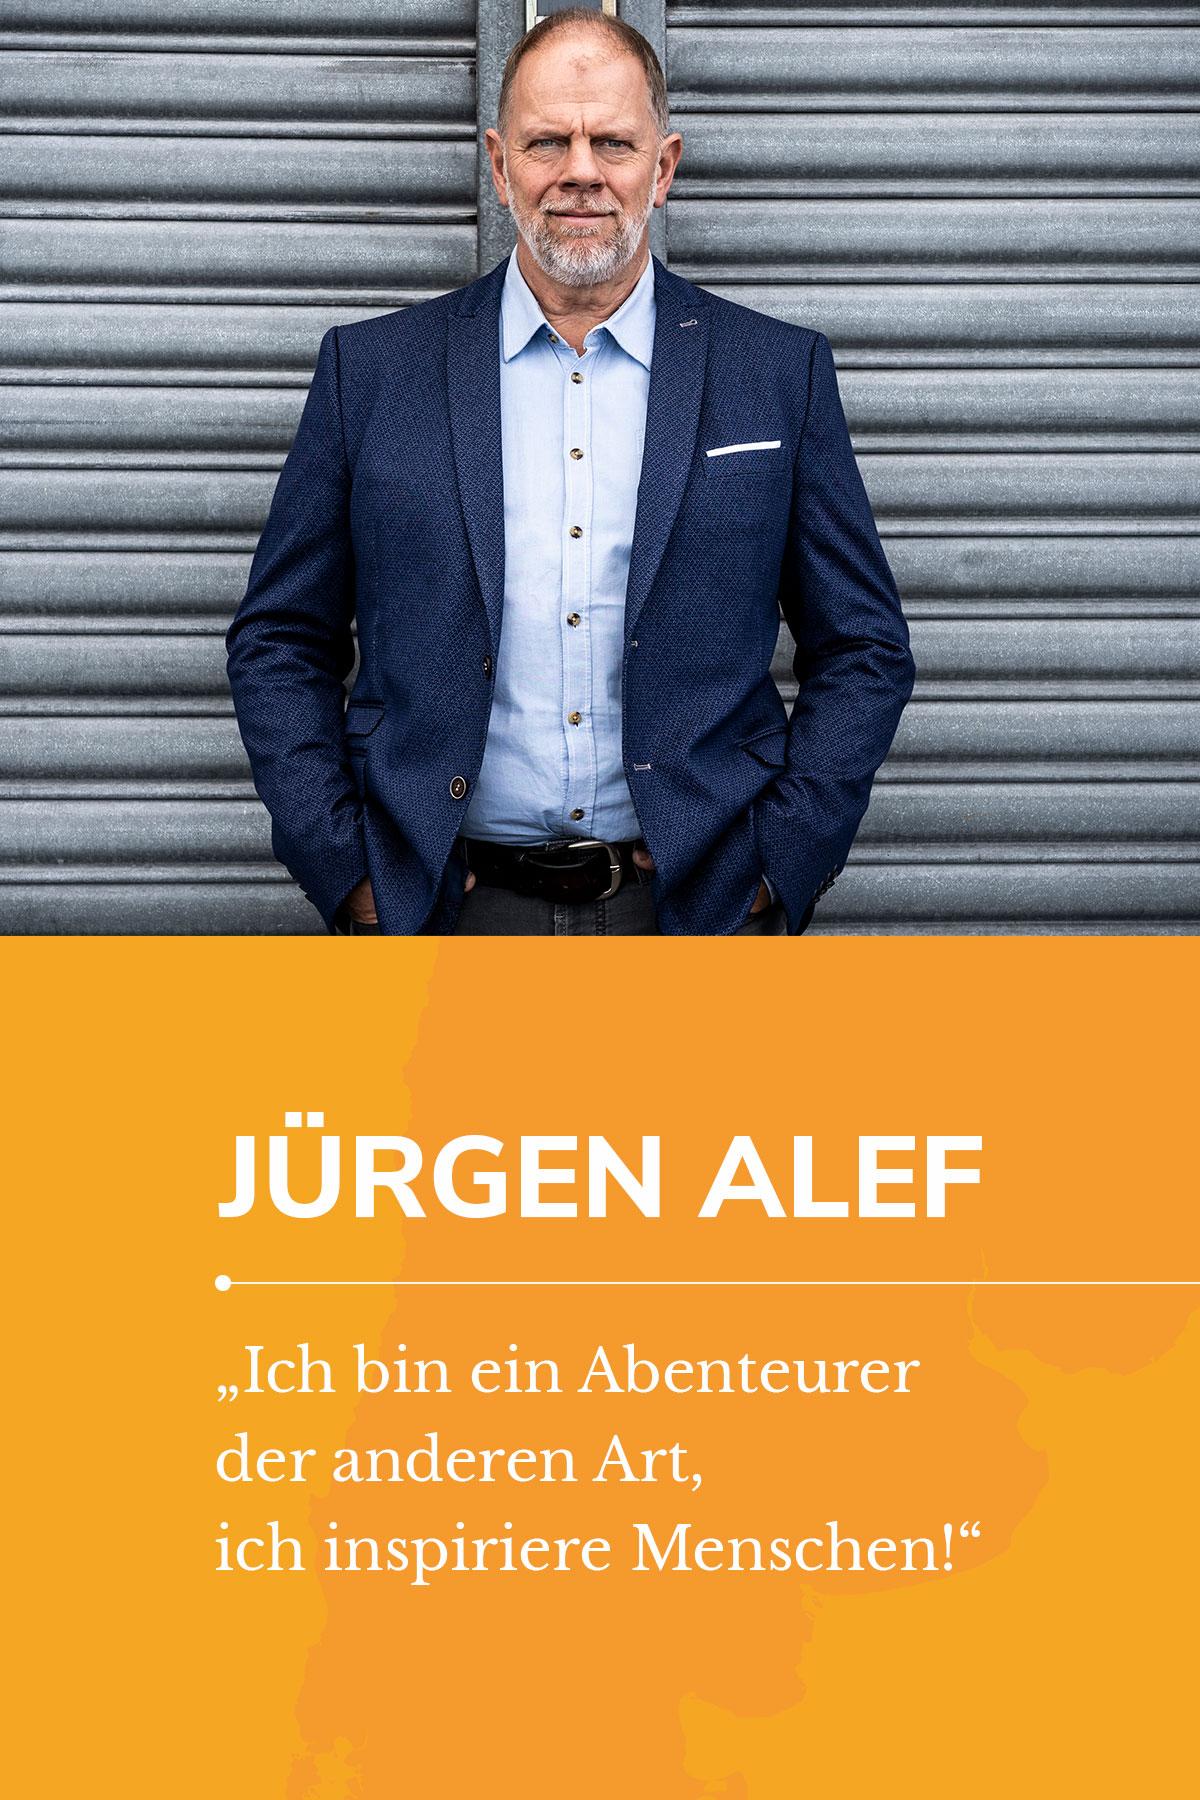 Jürgen Alef